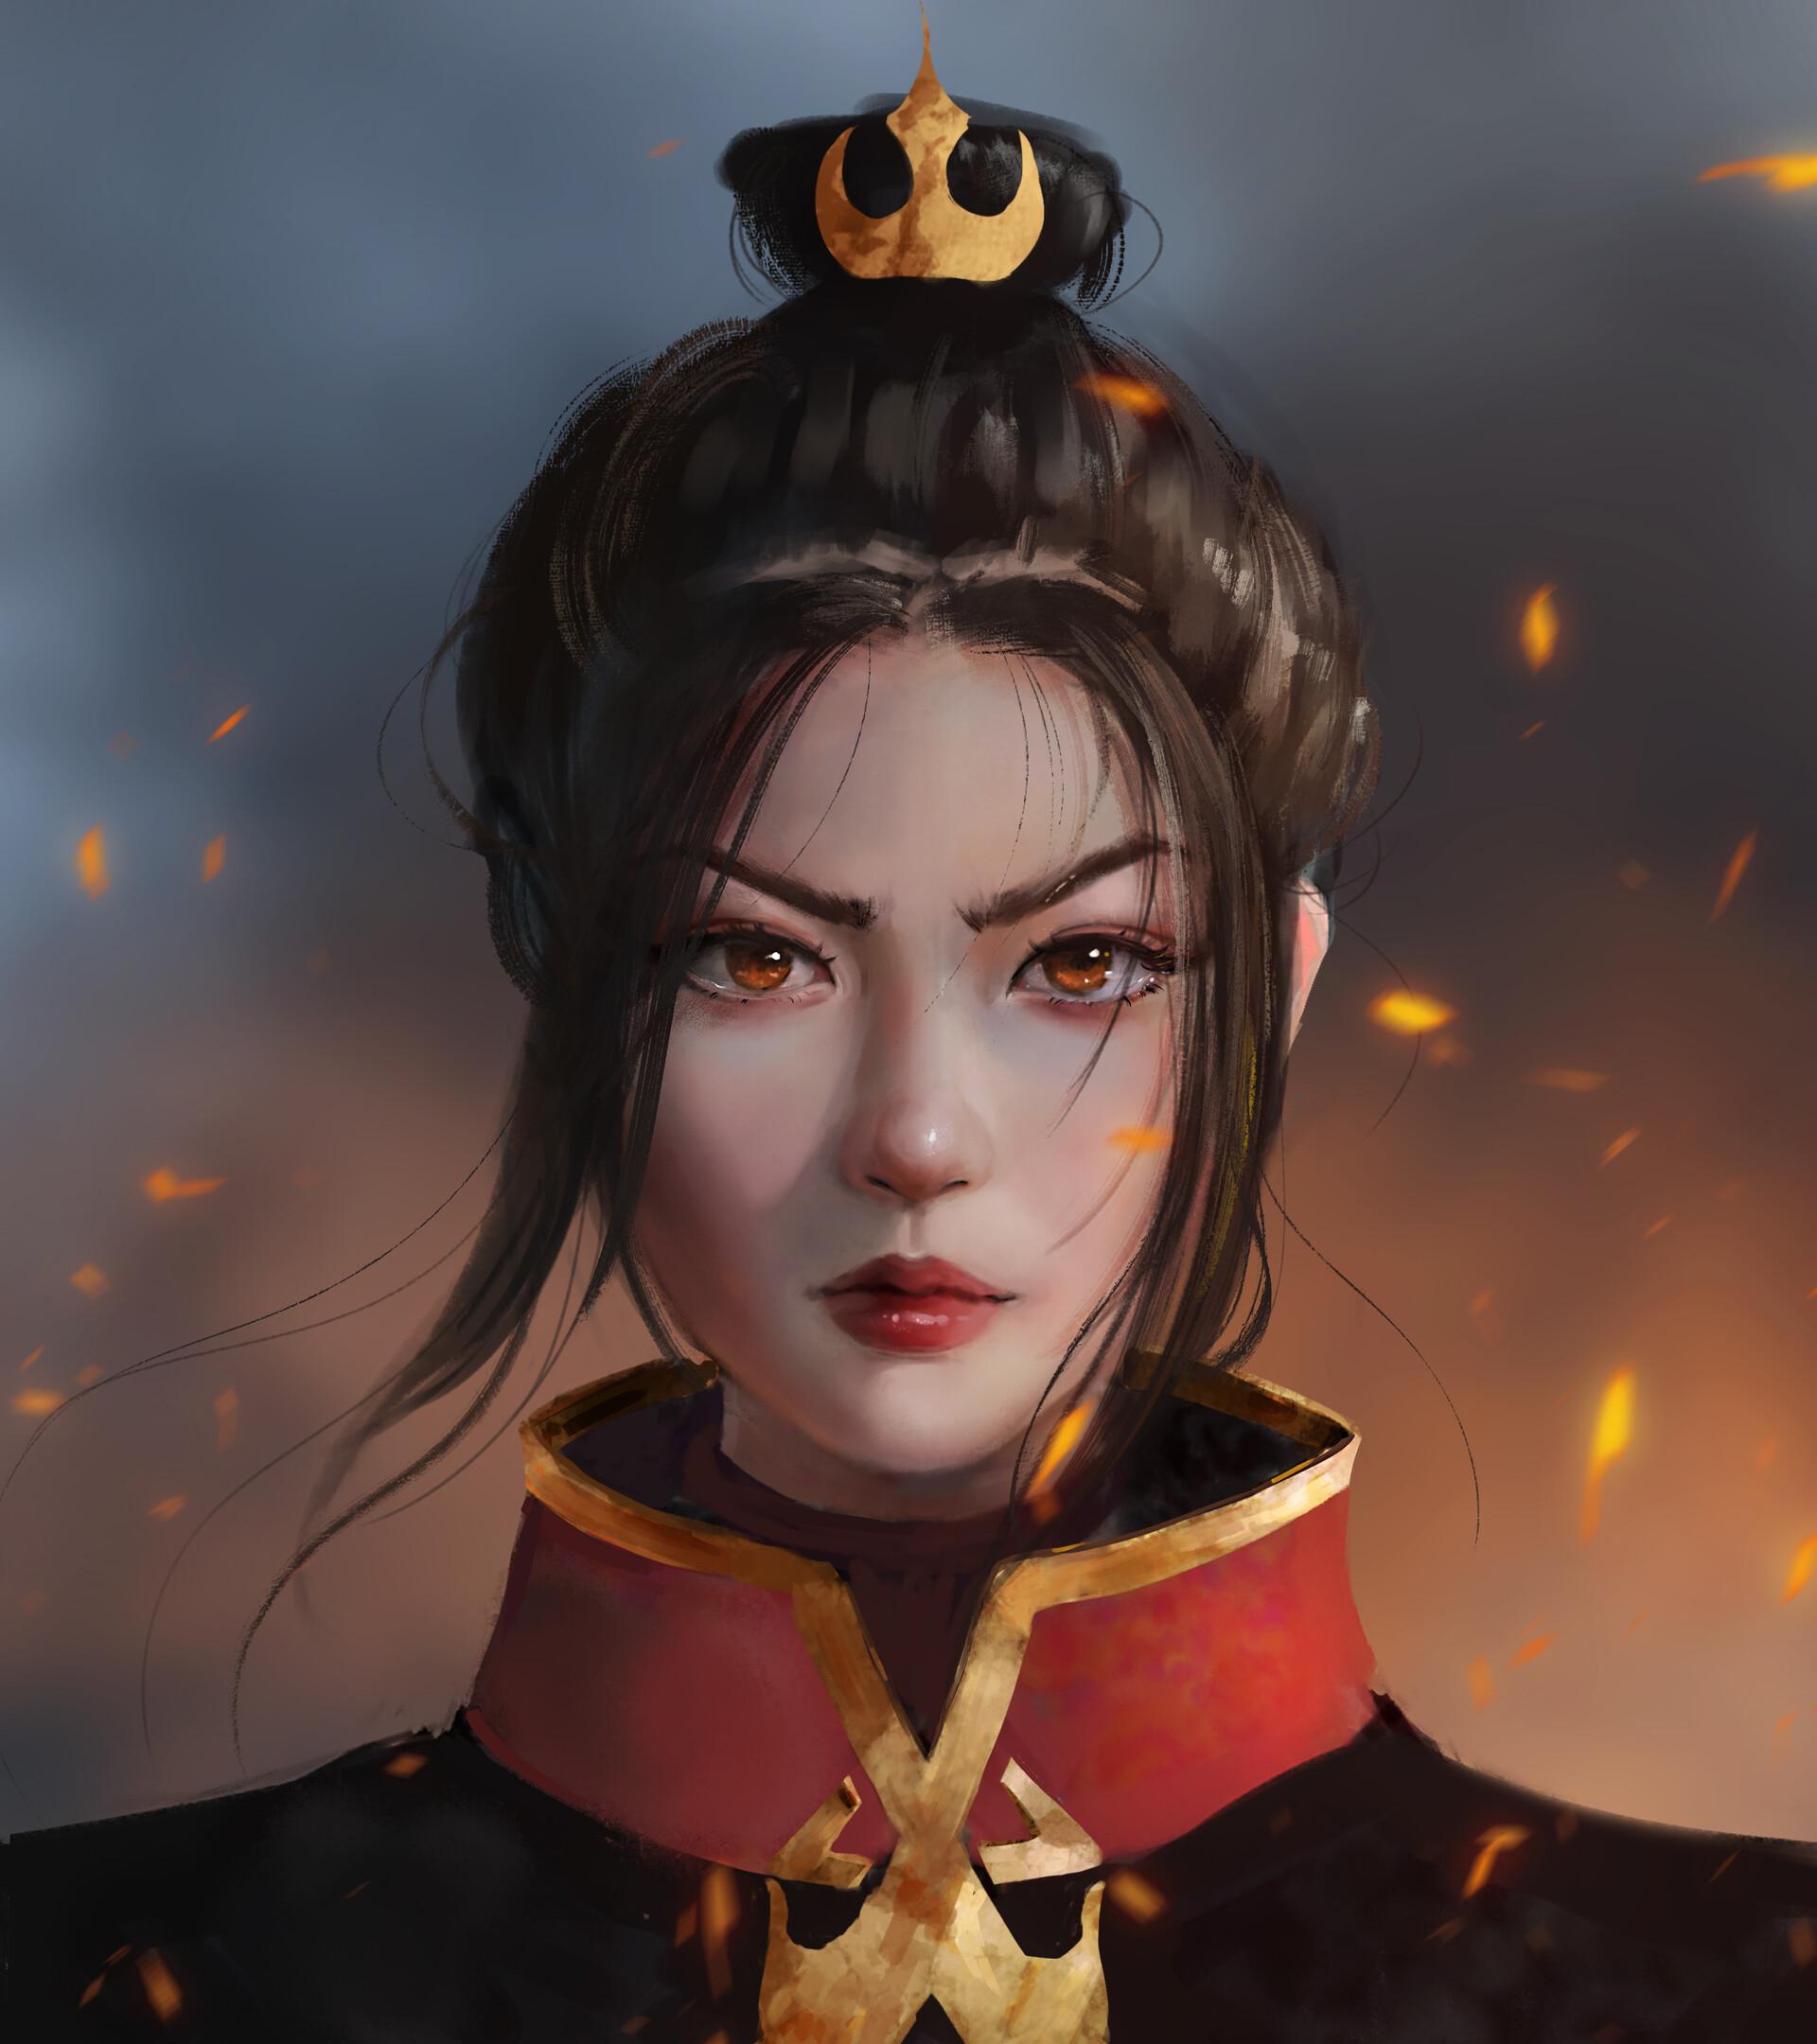 Avatar: Fanart imagina una versión mucho más realista de la princesa Azula